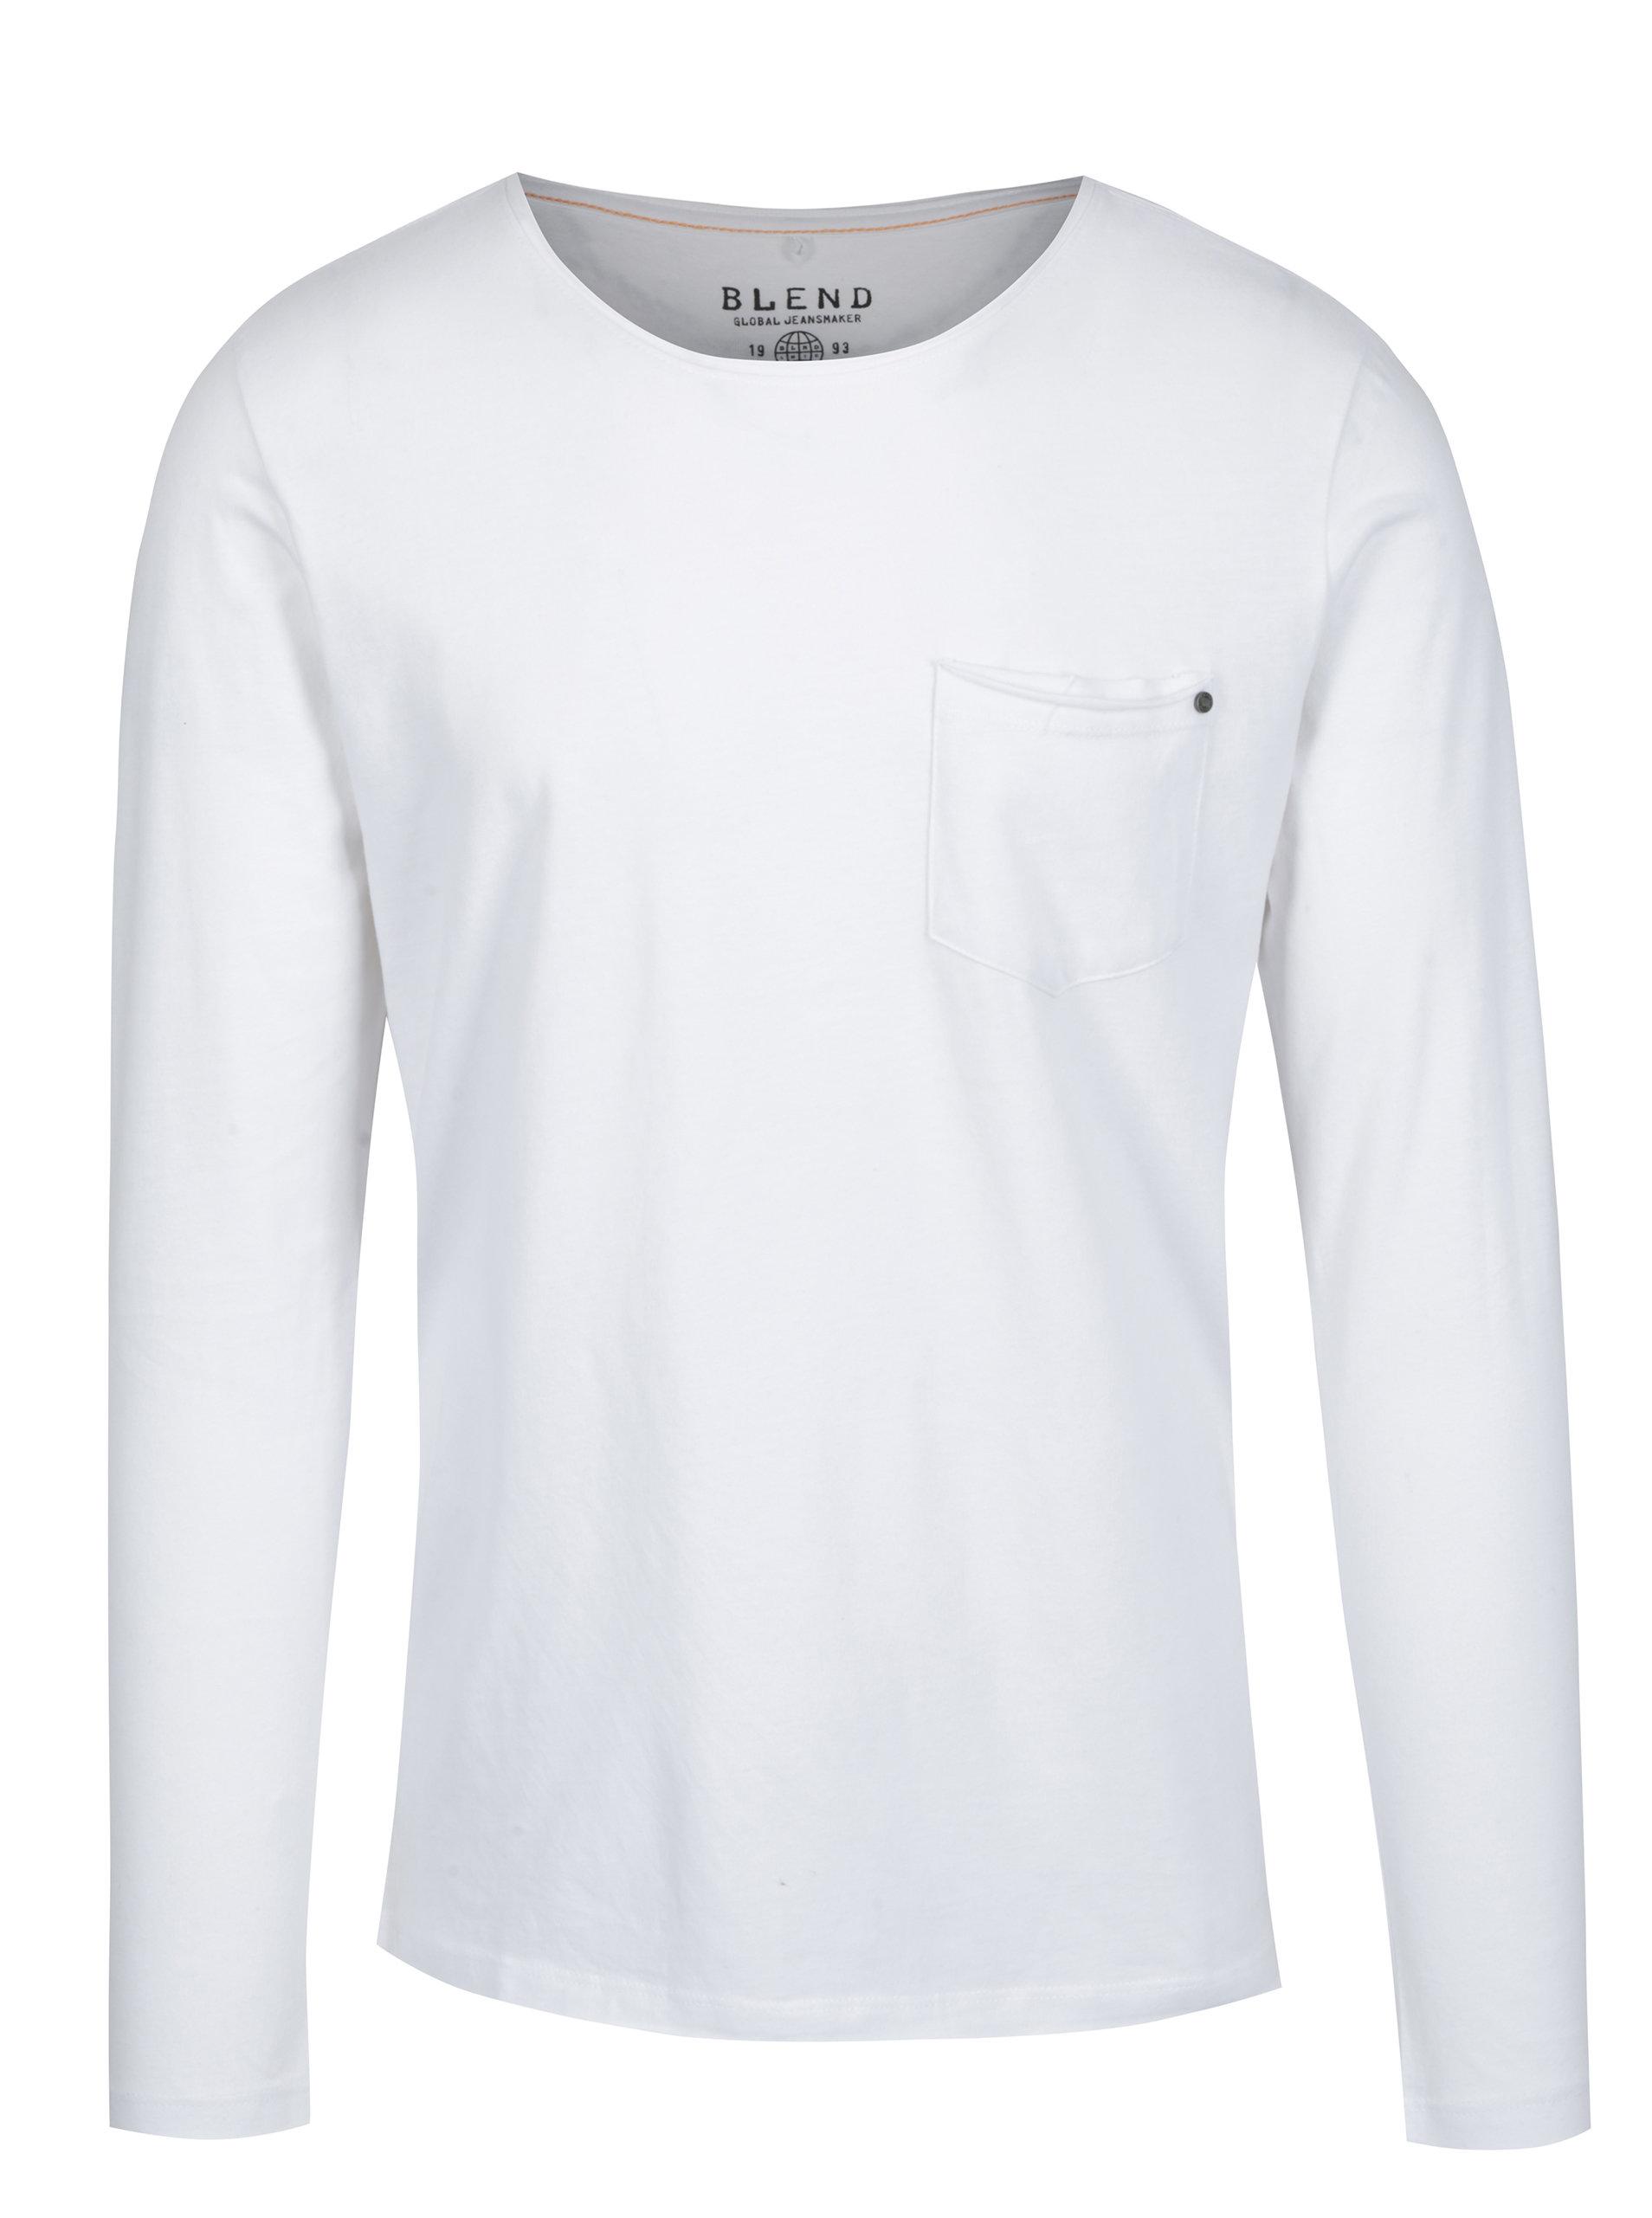 2116861aec99 Biele slim fit tričko s dlhým rukávom Blend ...